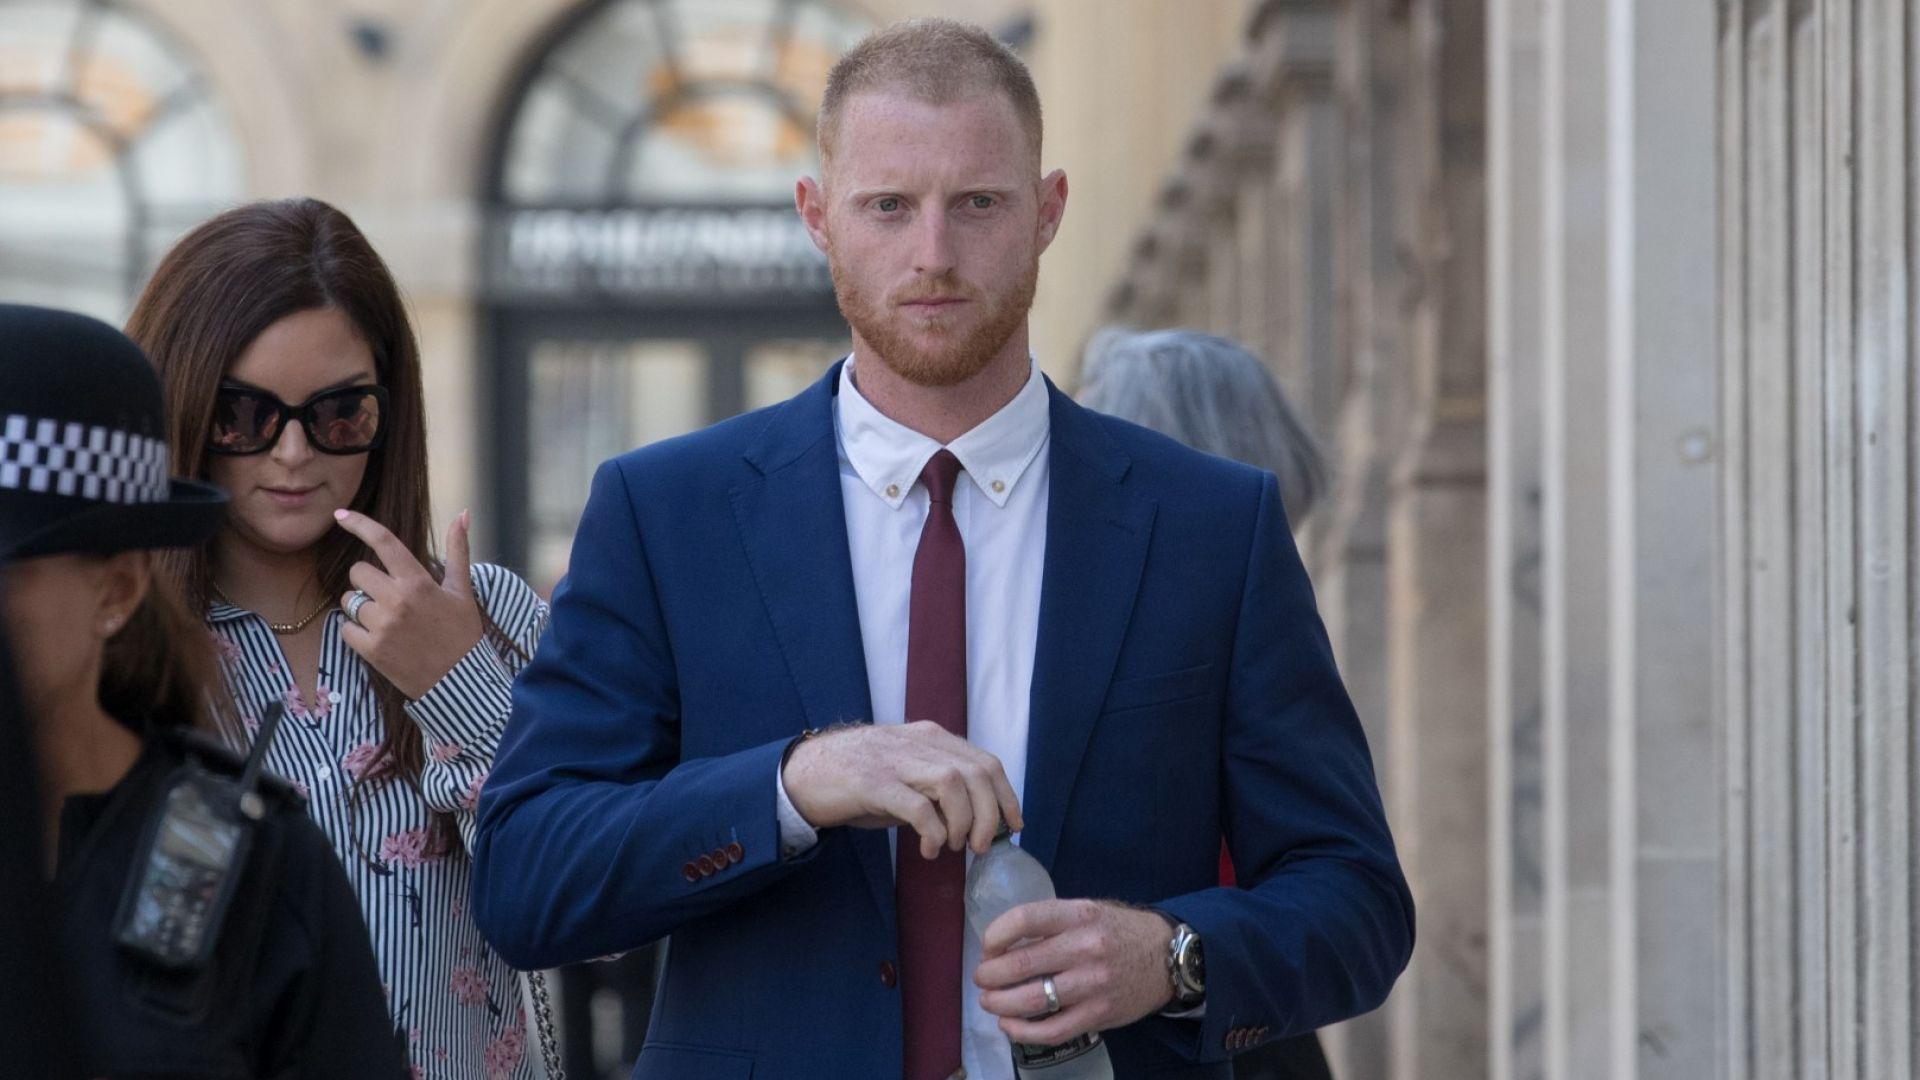 Грандиозен скандал в Англия, жълт вестник възмути с травмираща история за спортния герой на нацията